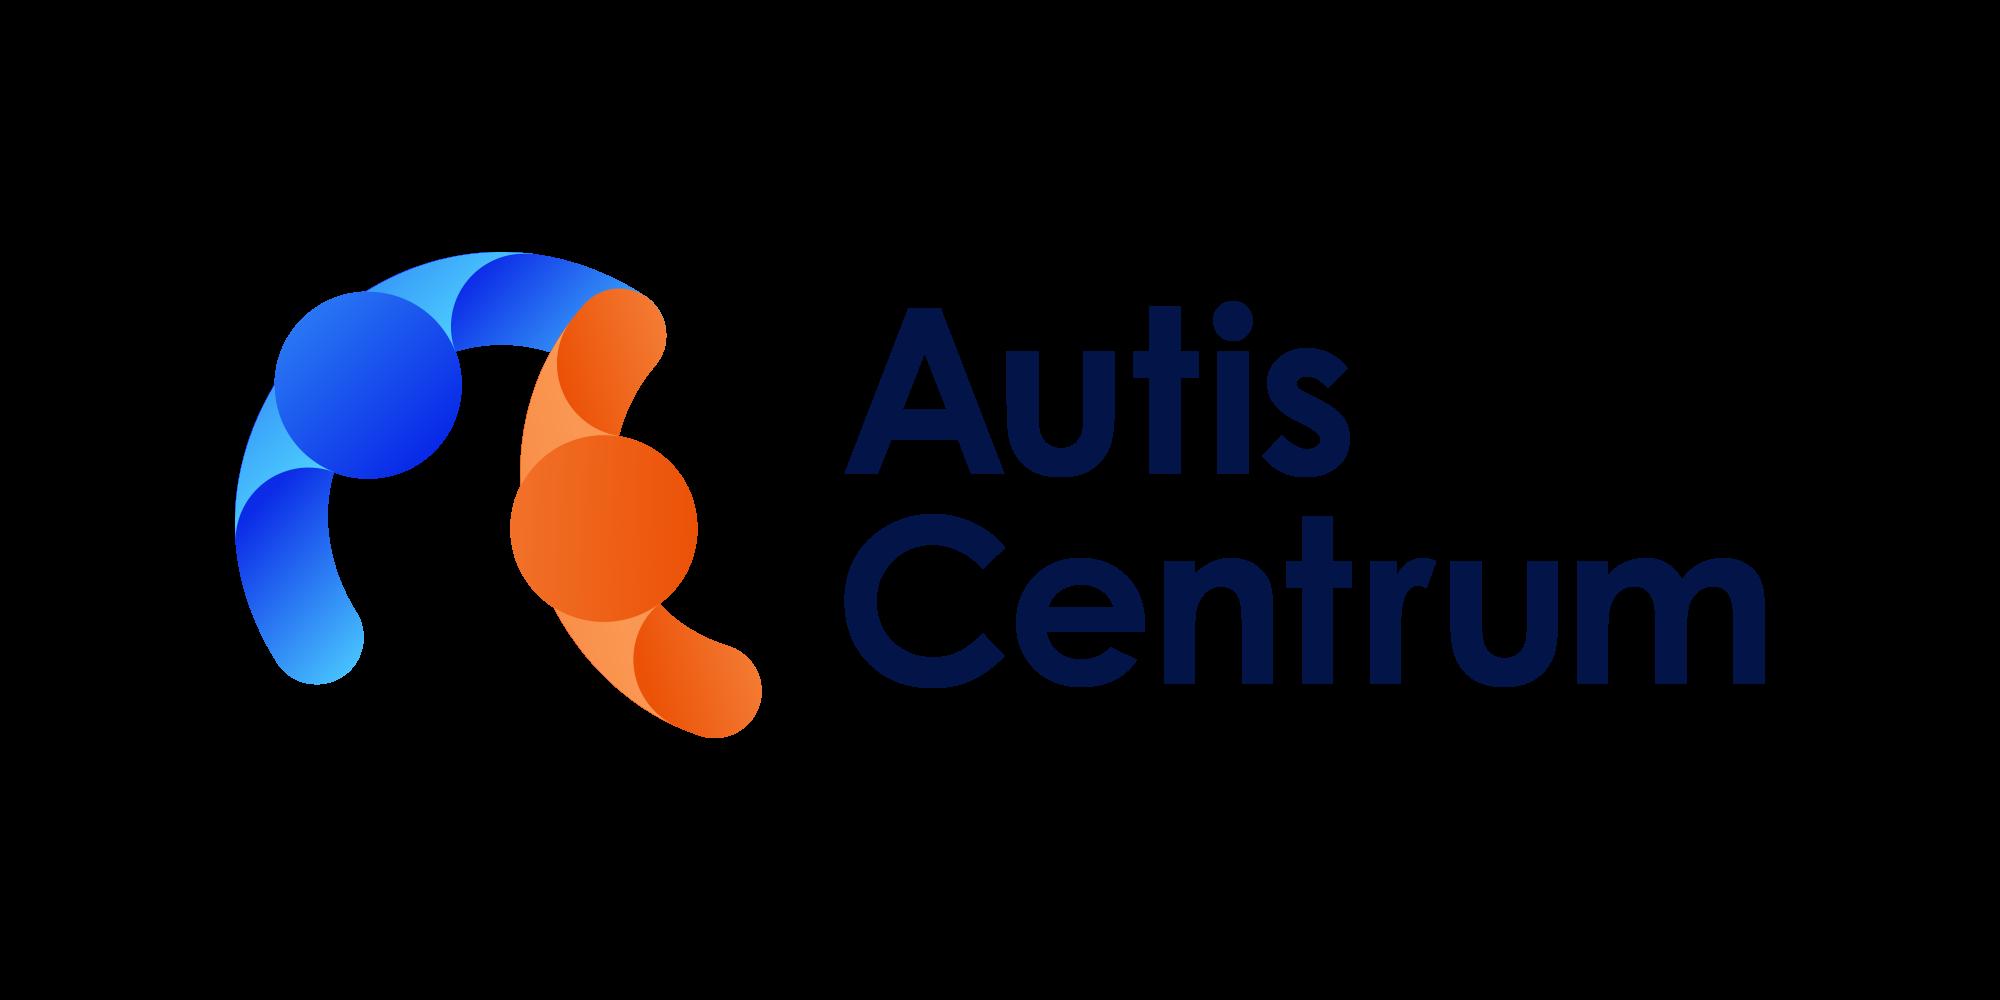 Autis Centrum, o.p.s.